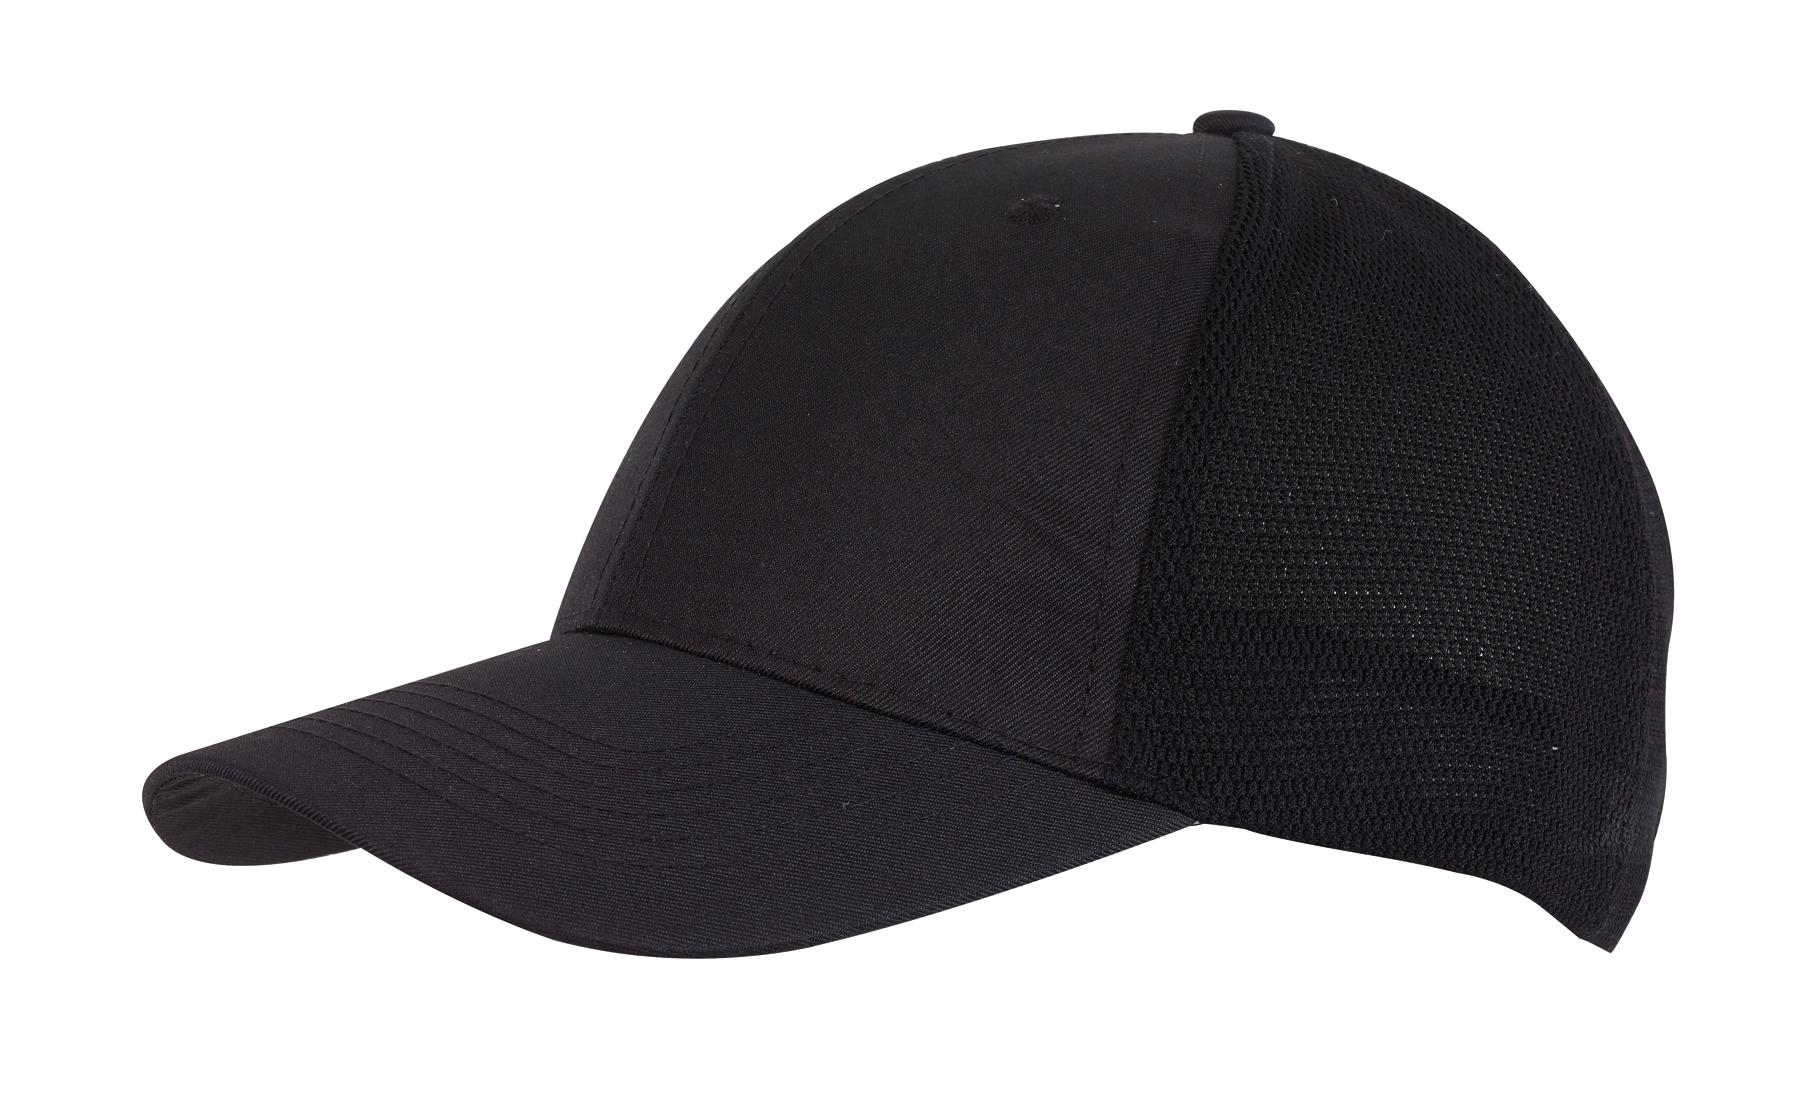 6 segmentowa czapka PITCHER, czarny